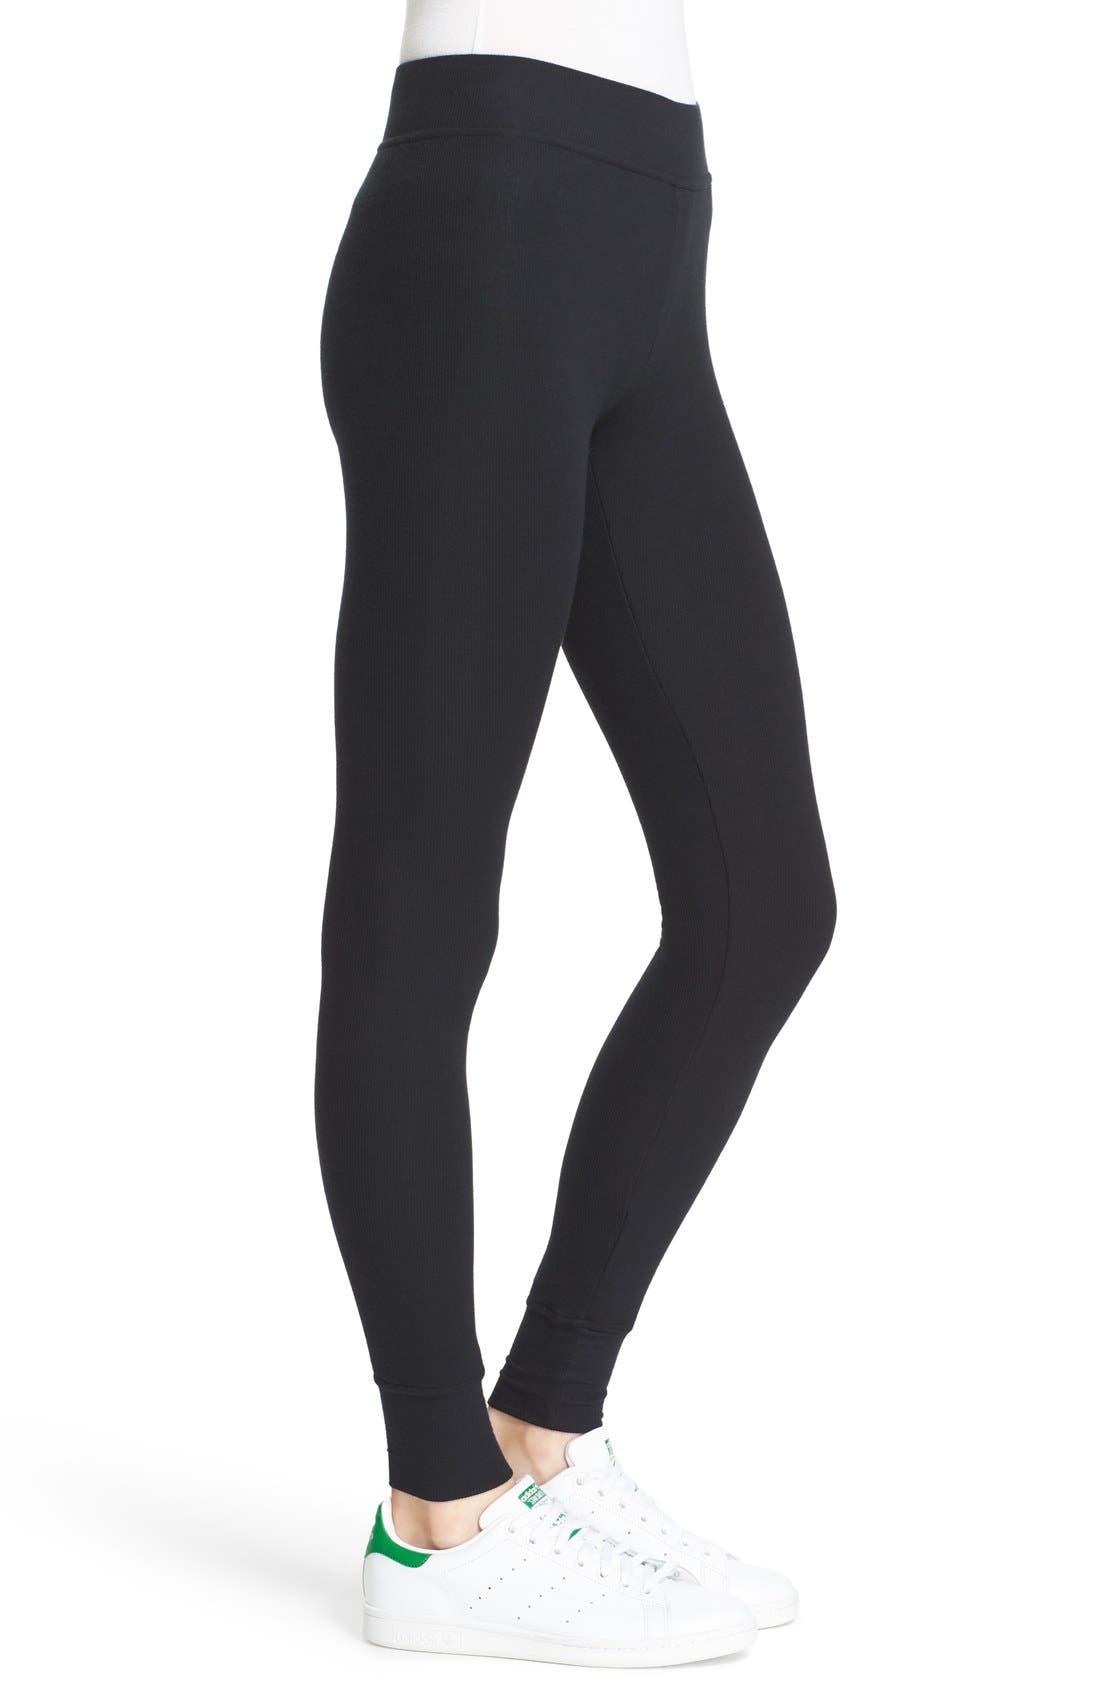 Rib Knit Yoga Leggings,                             Alternate thumbnail 3, color,                             BLACK